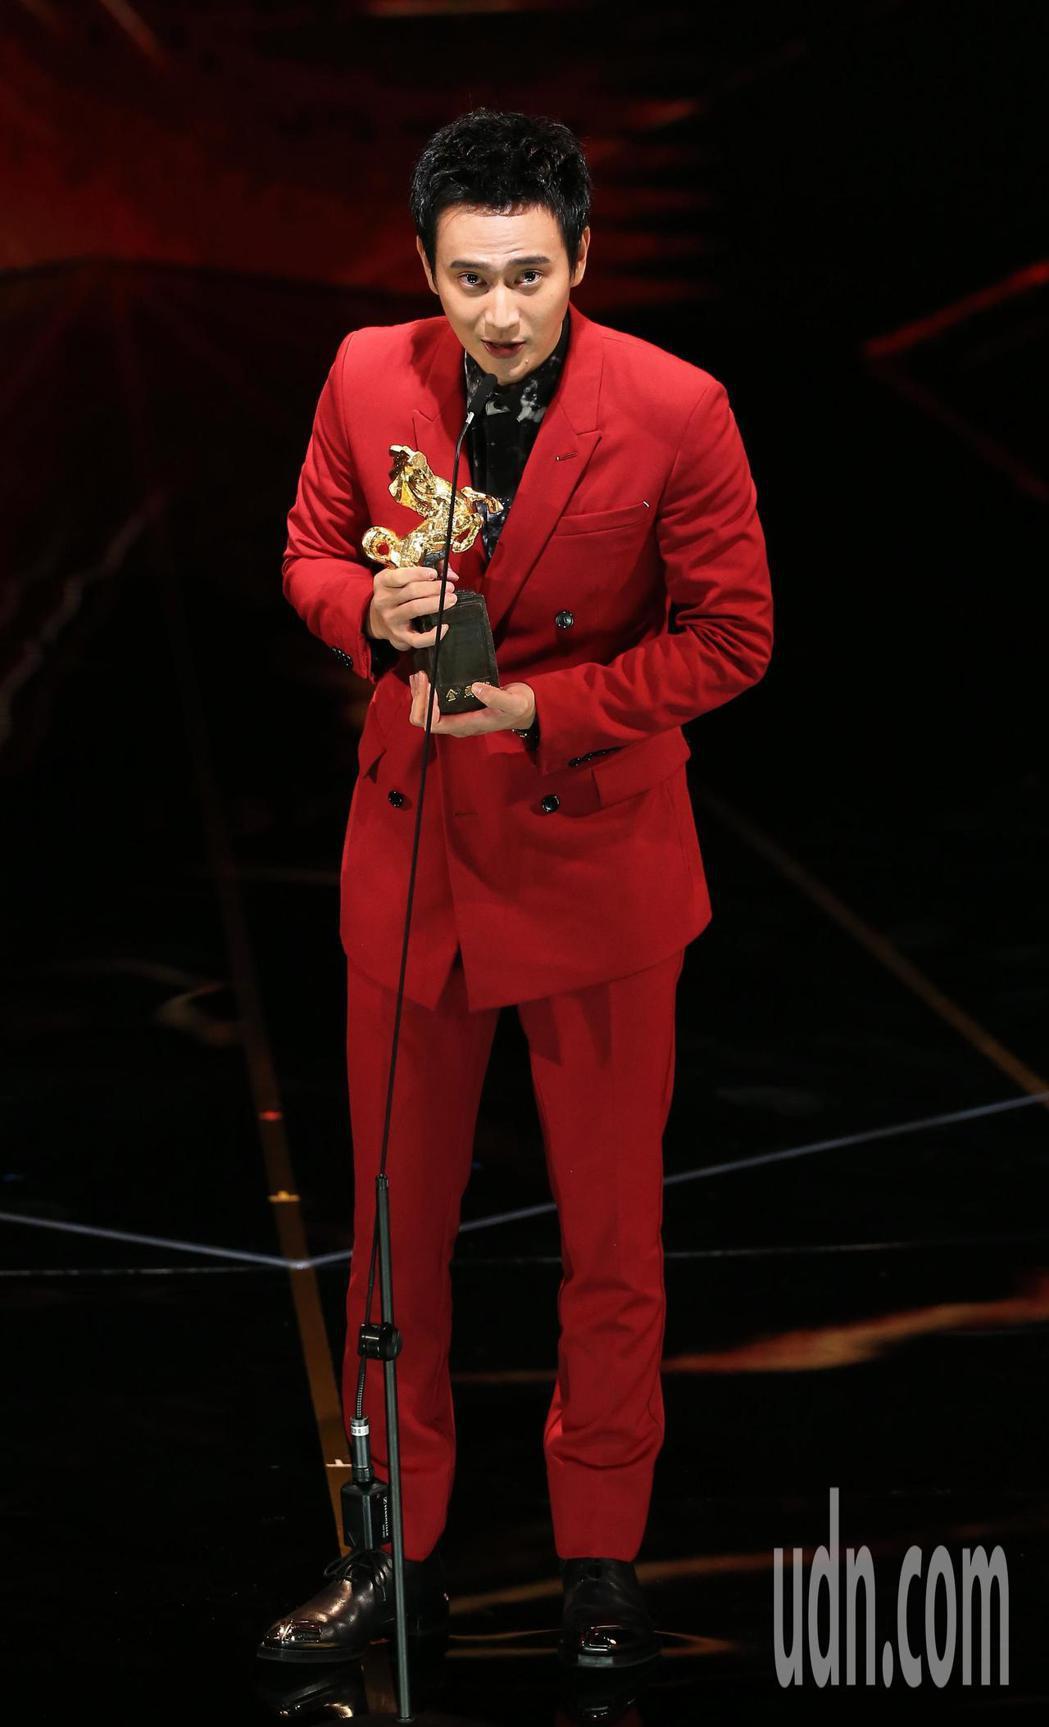 第56屆金馬獎頒獎典禮,劉冠廷獲最佳男配角獎。記者林伯東/攝影